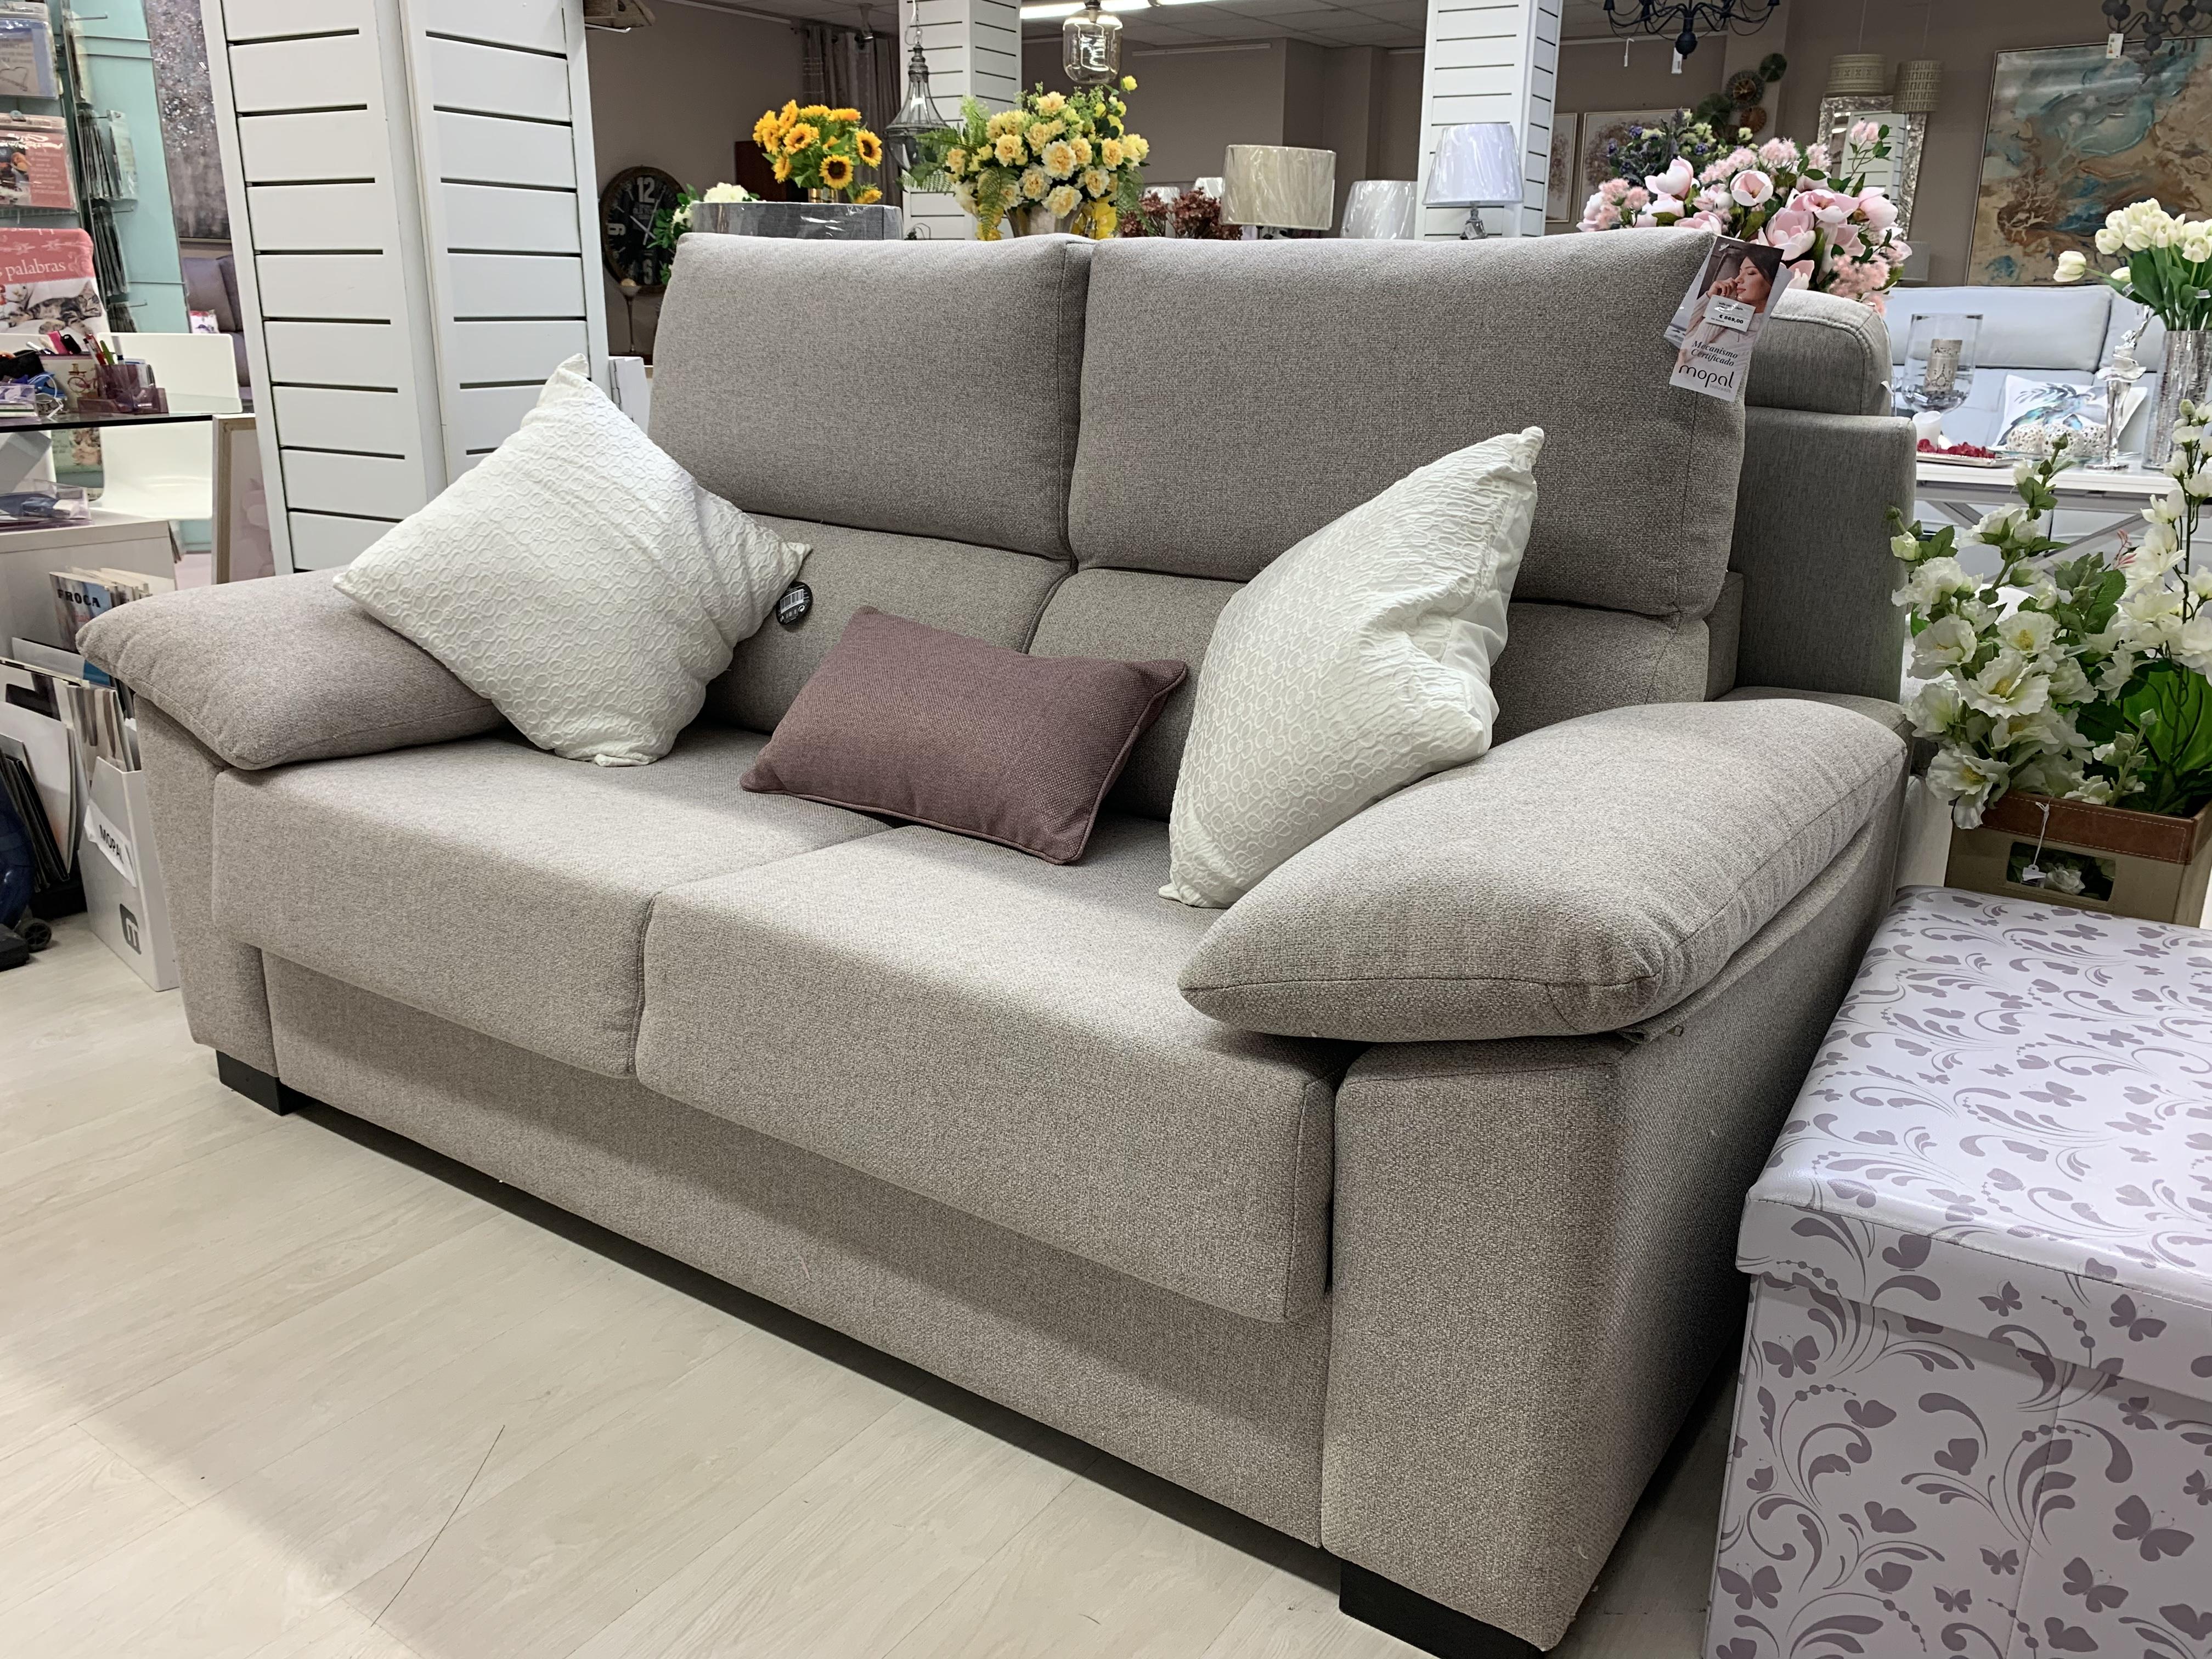 artica tiendas Sofa Leyre